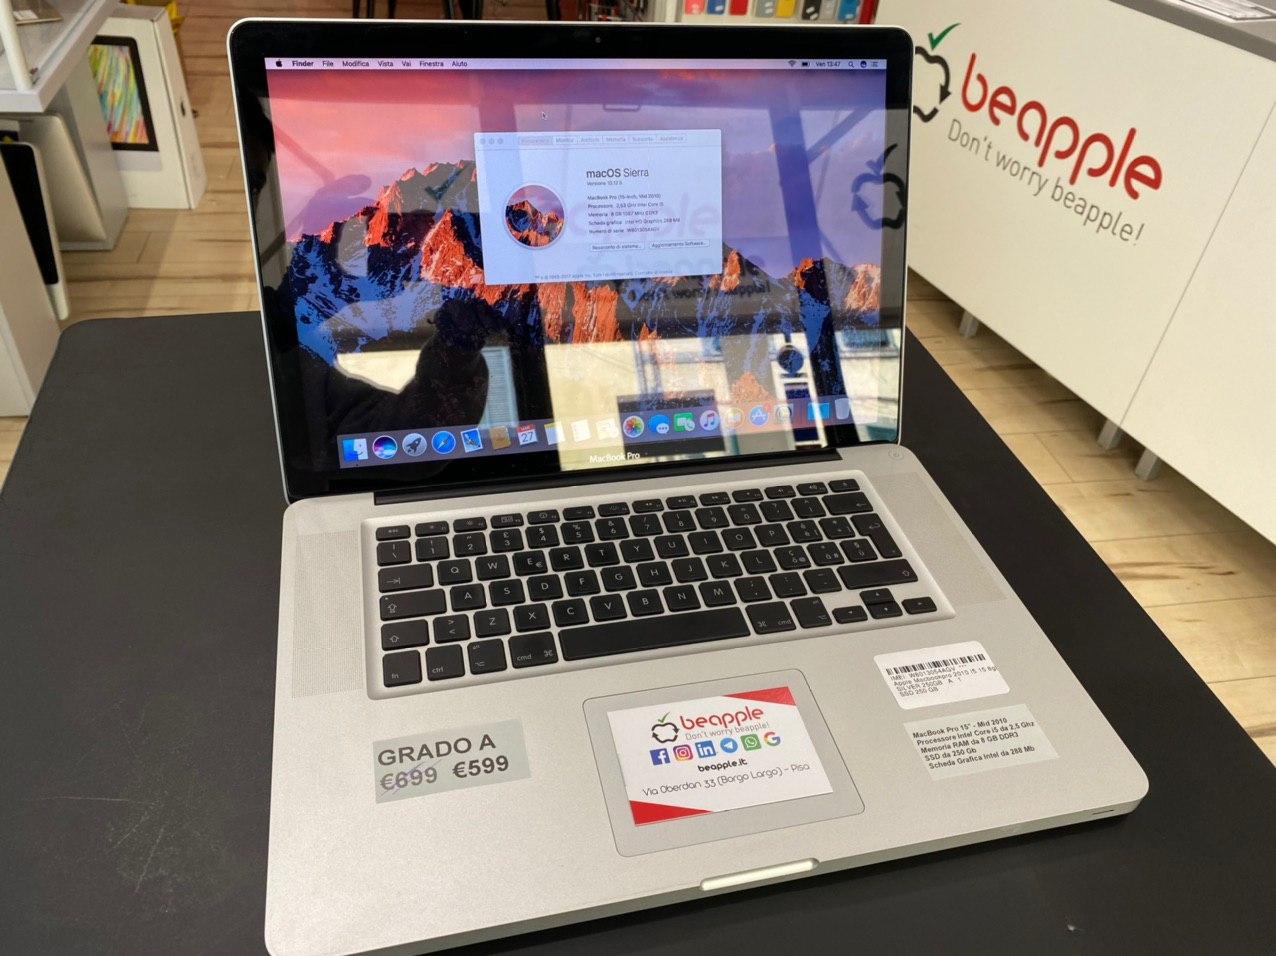 Apple MacBook Pro 15.4″ intel® Dual-Core i5 2.53GHz Mid 2010 (Ricondizionato)